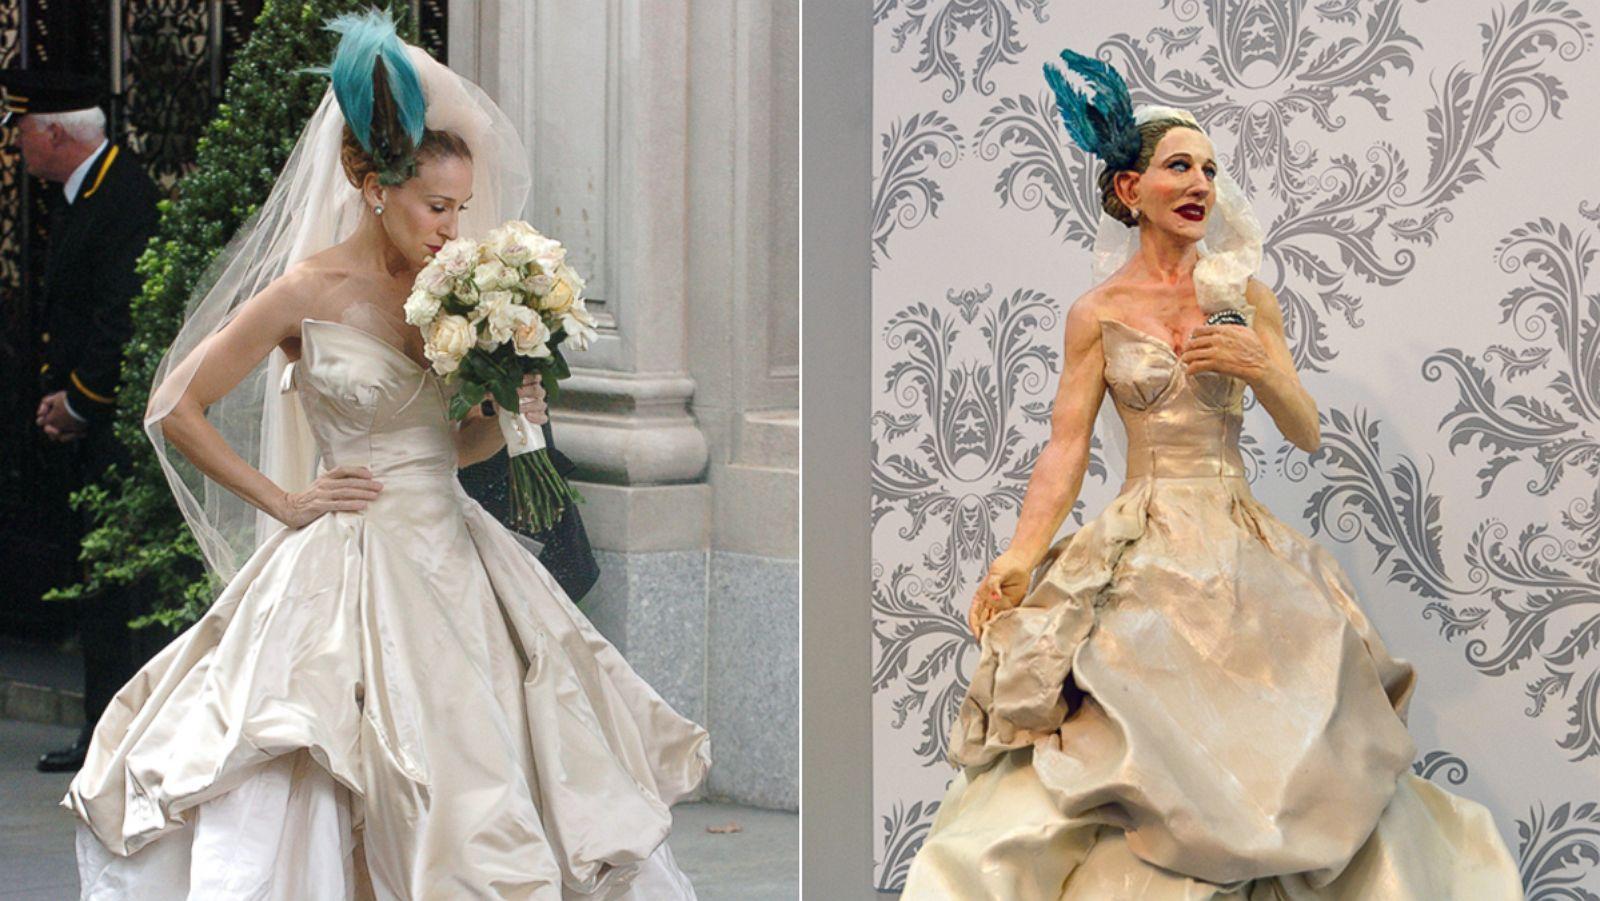 Sarah jessica parker sex and the city wedding dress